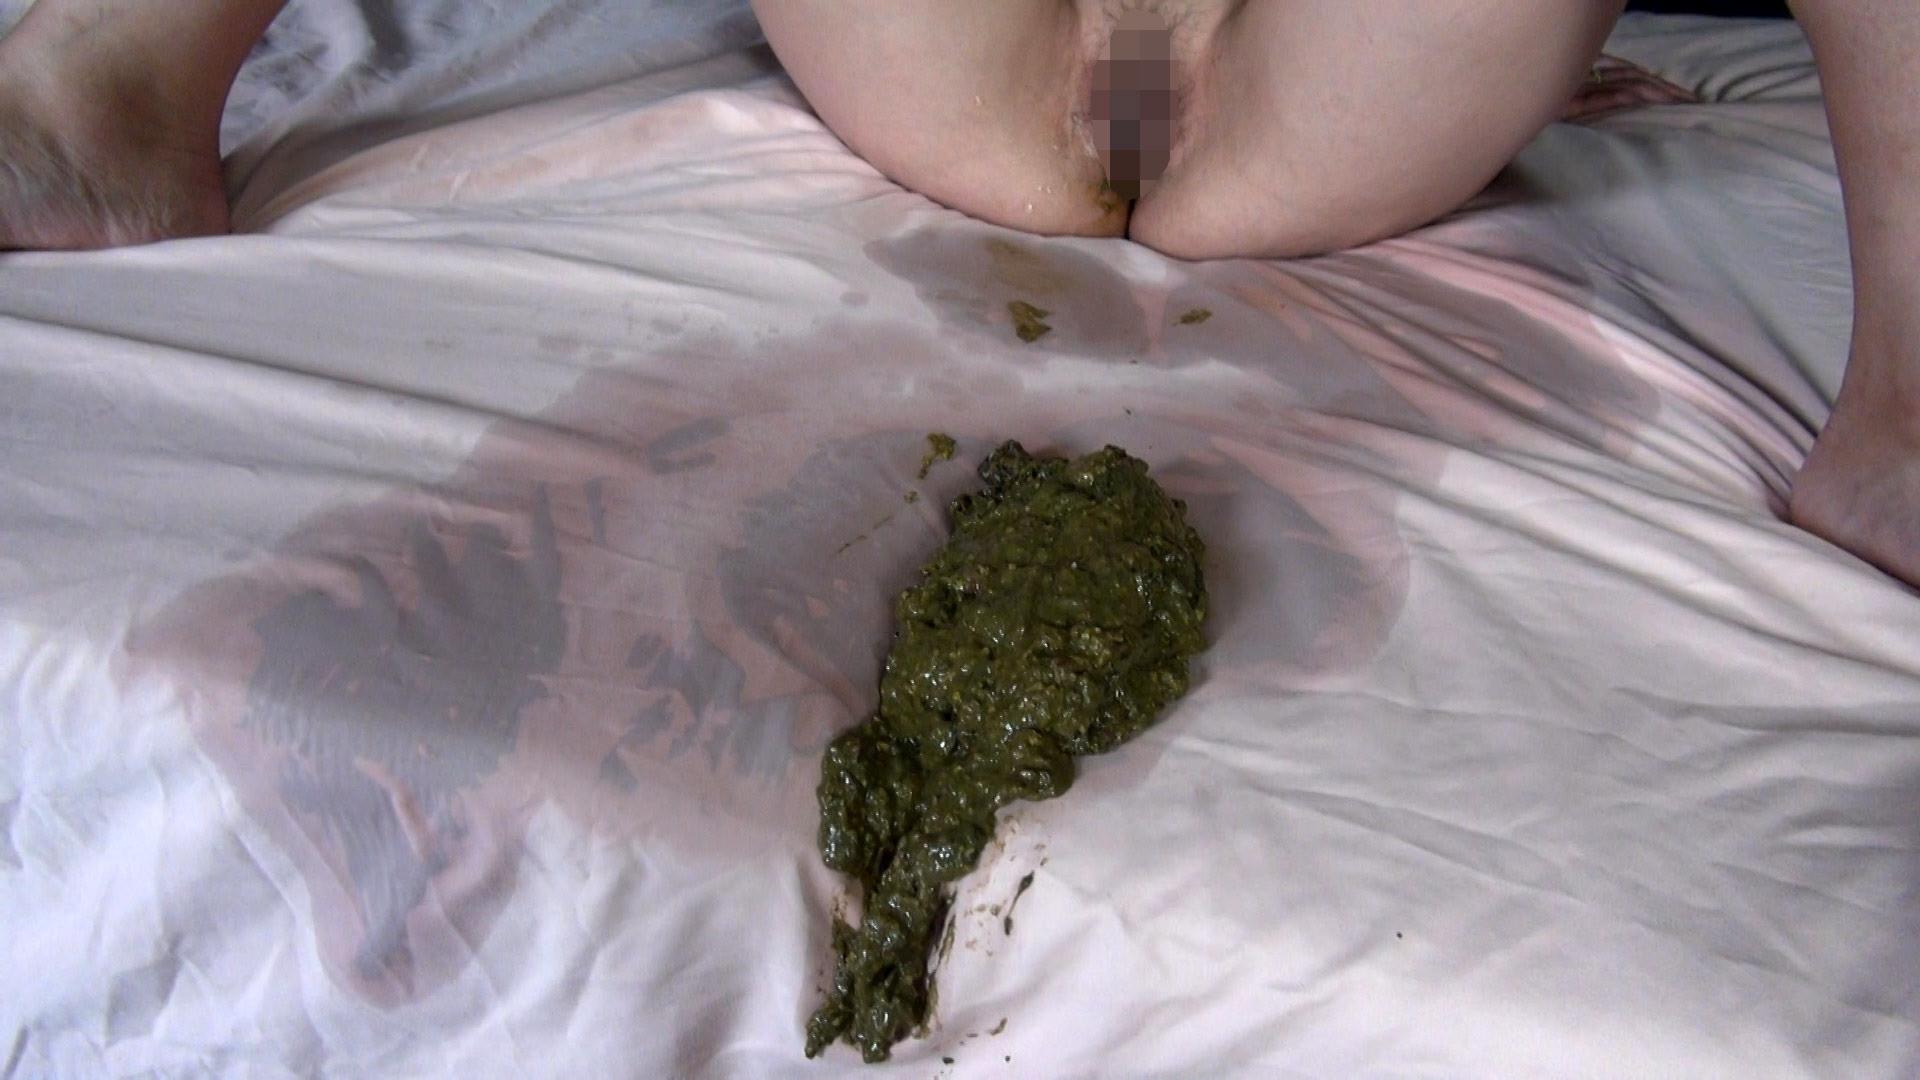 清楚な美人奥様の肛門拡張 爆弾うんこ「そんなにお尻の穴拡げたら・・・」 画像11